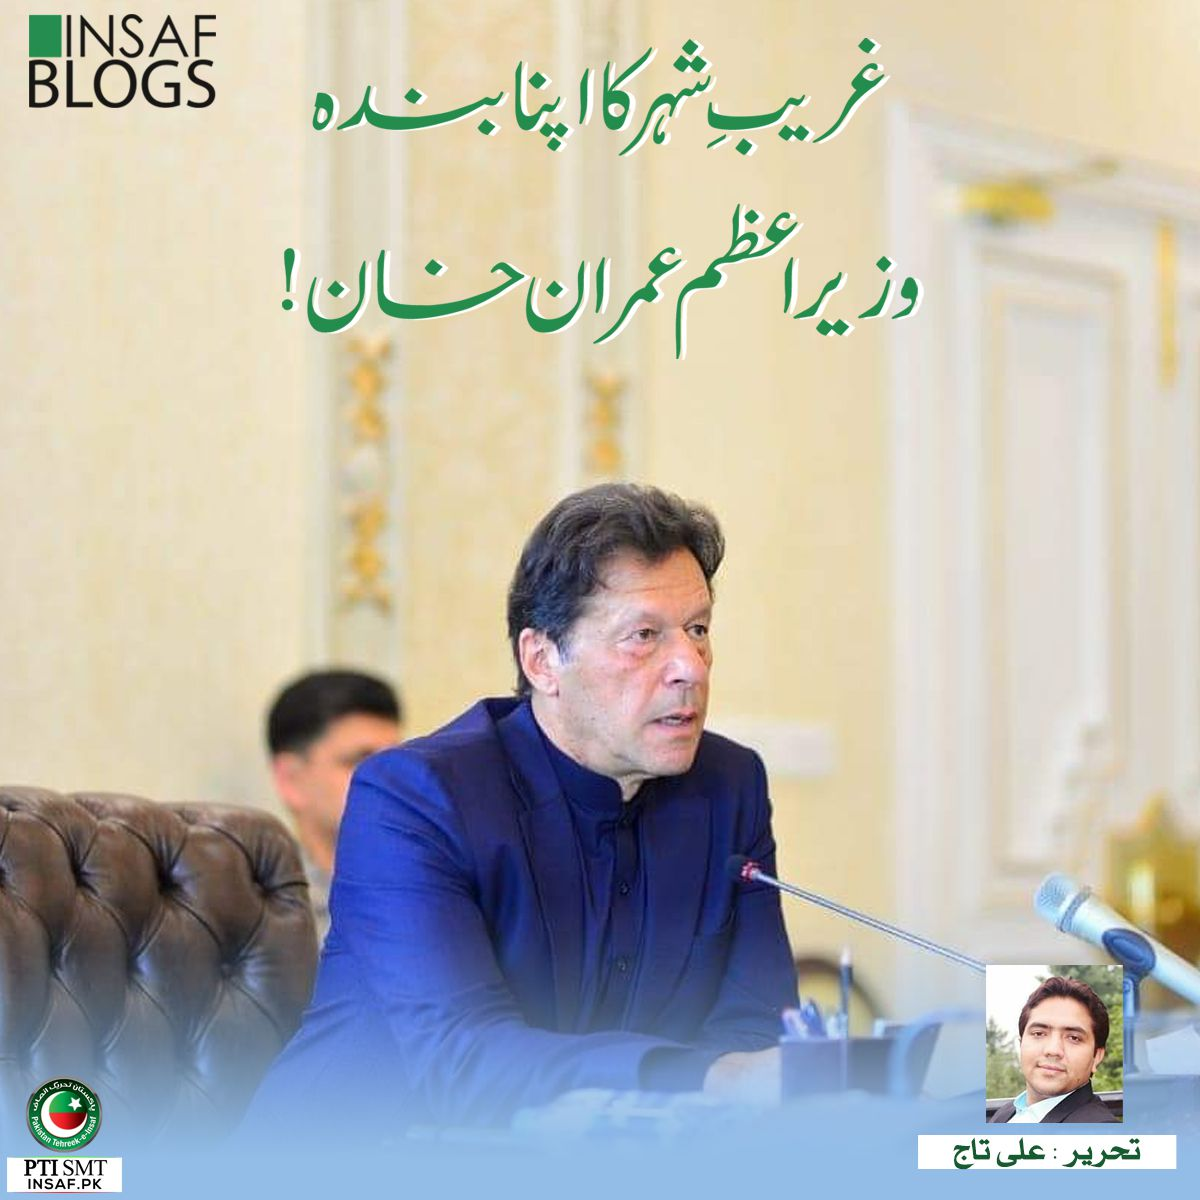 Gharib e Shehr ka Apna Banda - Imran Khan - Insaf Blog.